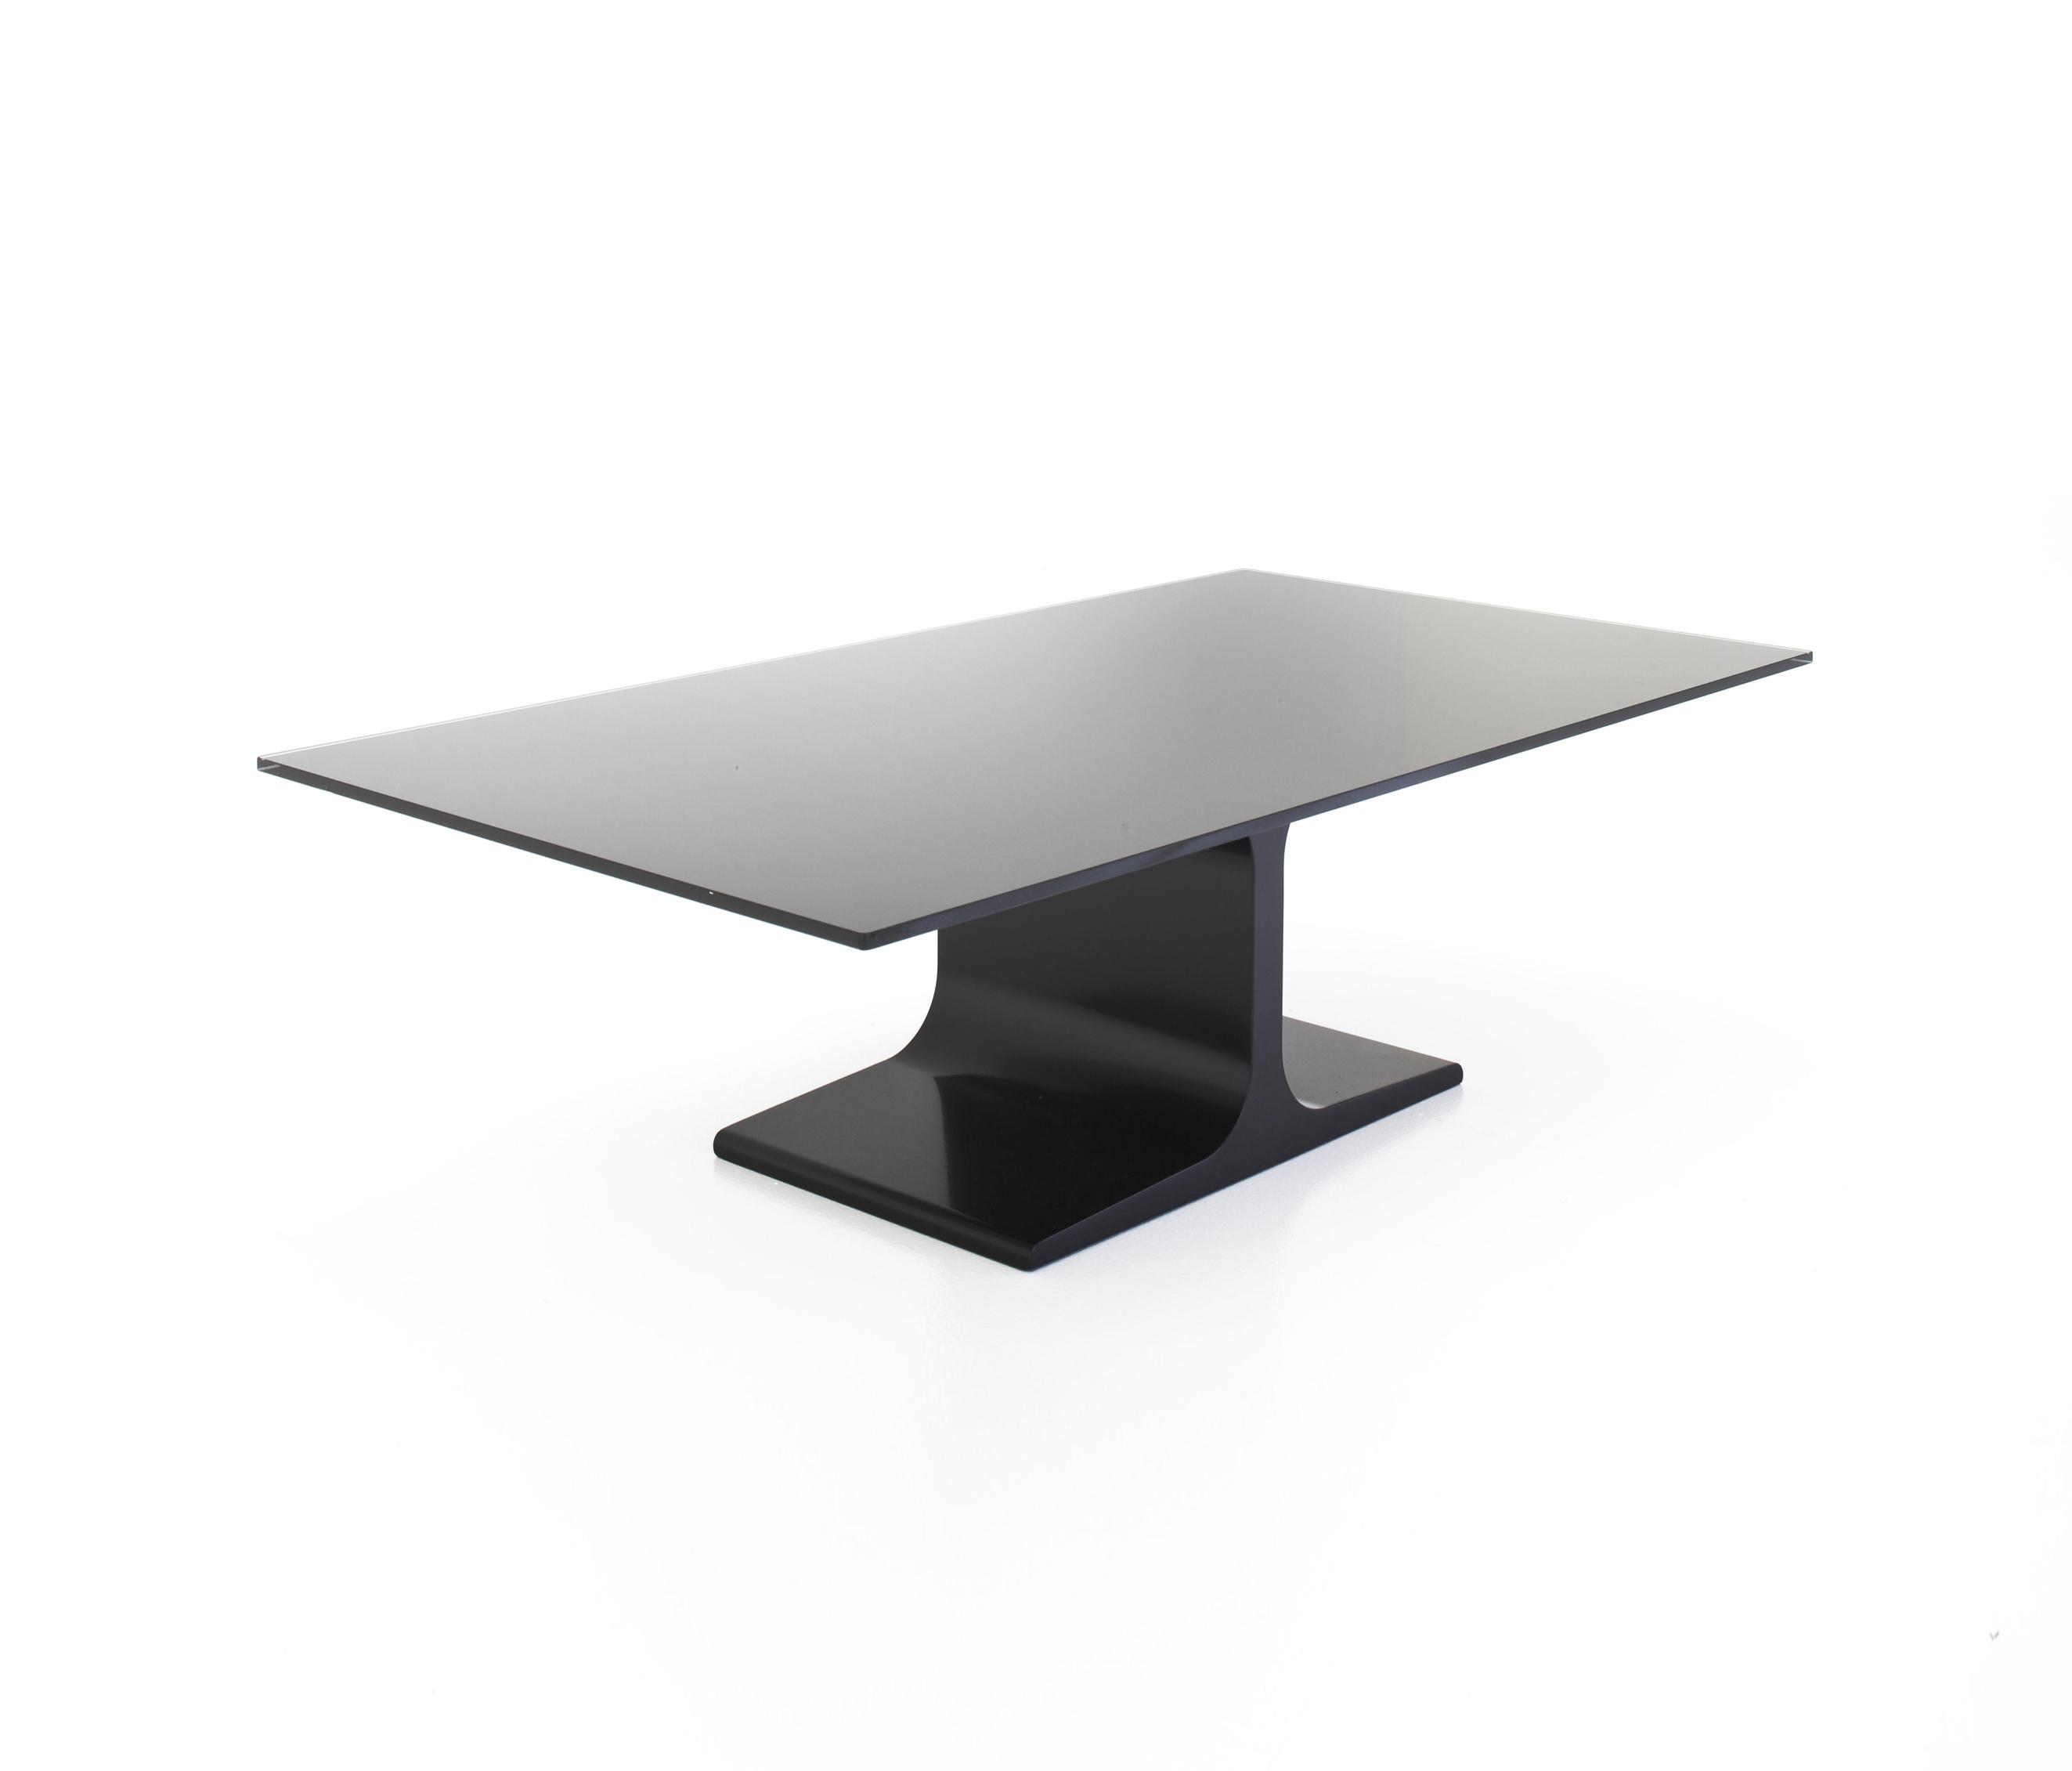 Tavolino Salotto Che Diventa Tavolo Da Pranzo.Tavolino Che Diventa Tavolo Da Pranzo Interesting Il Tavolino Da